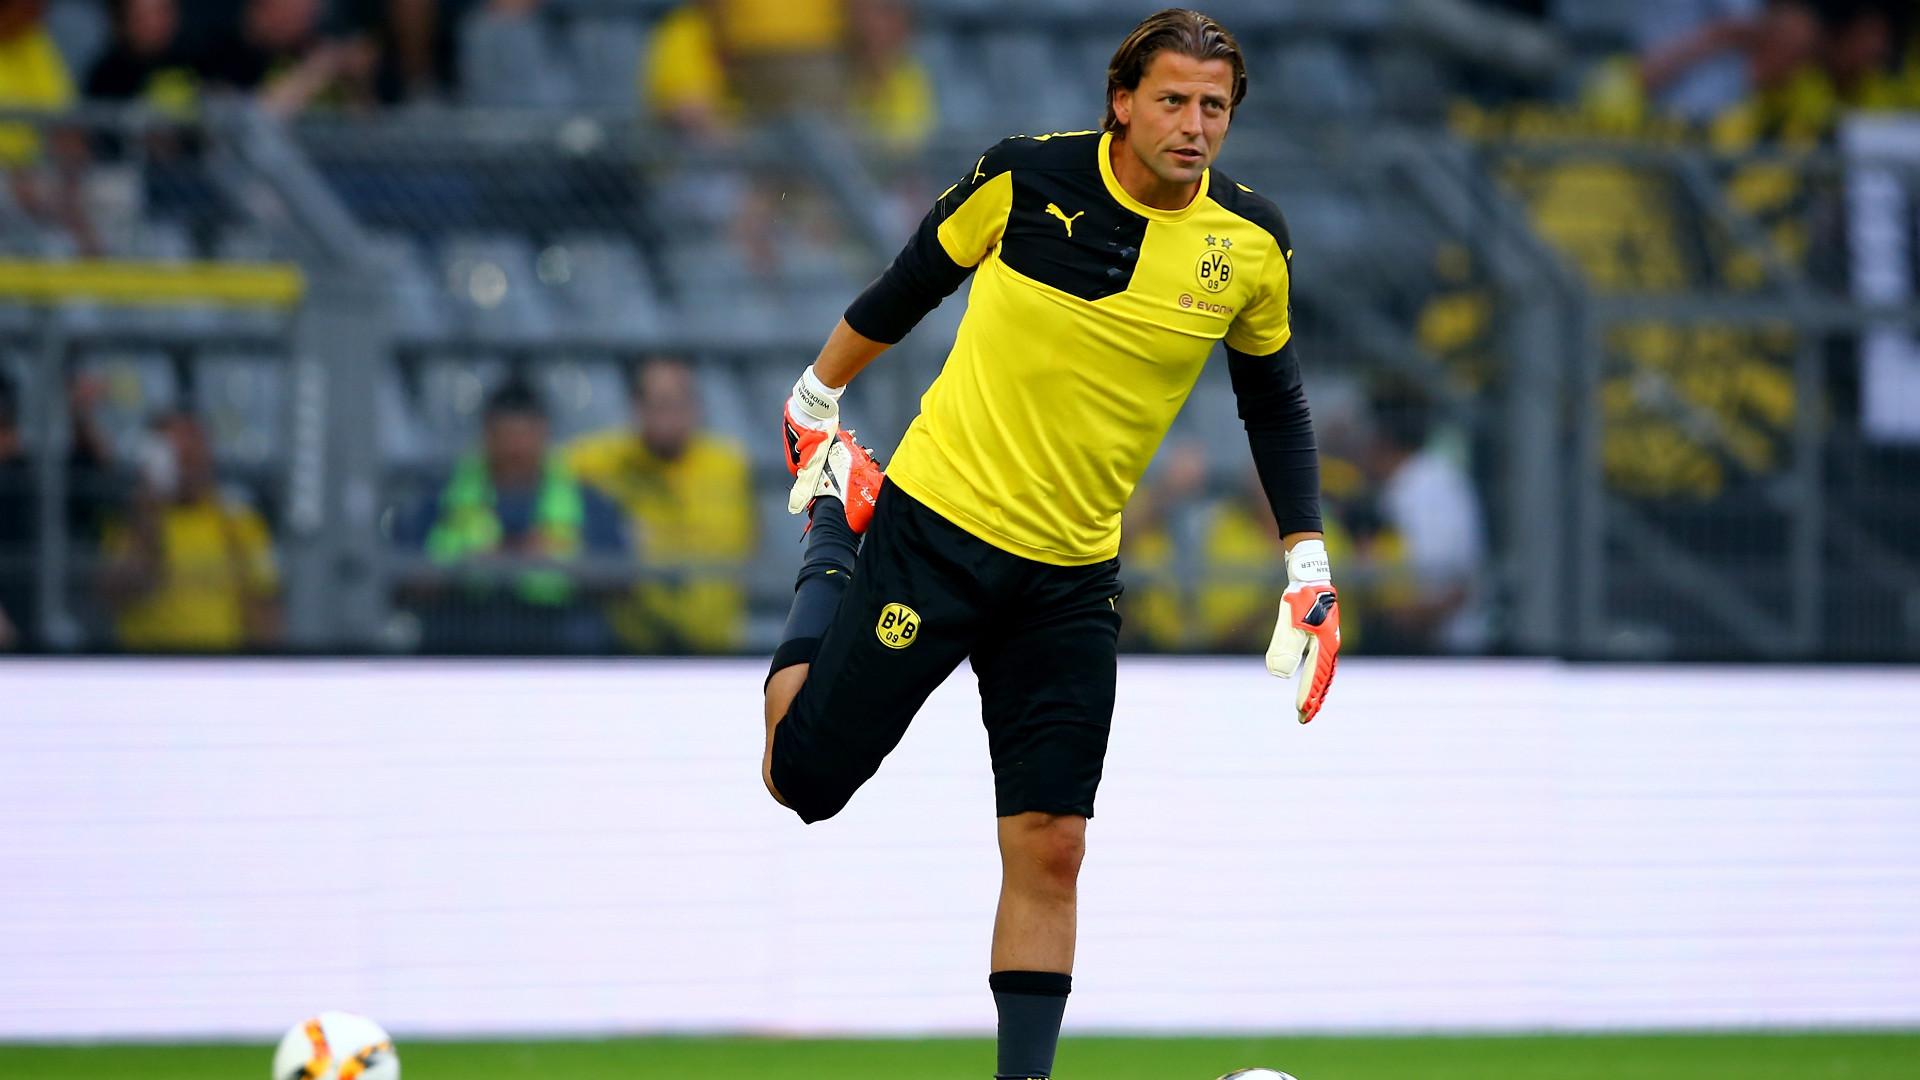 Roman Weidenfeller announces regional partnership between Stiebel Eltron and Borussia Dortmund